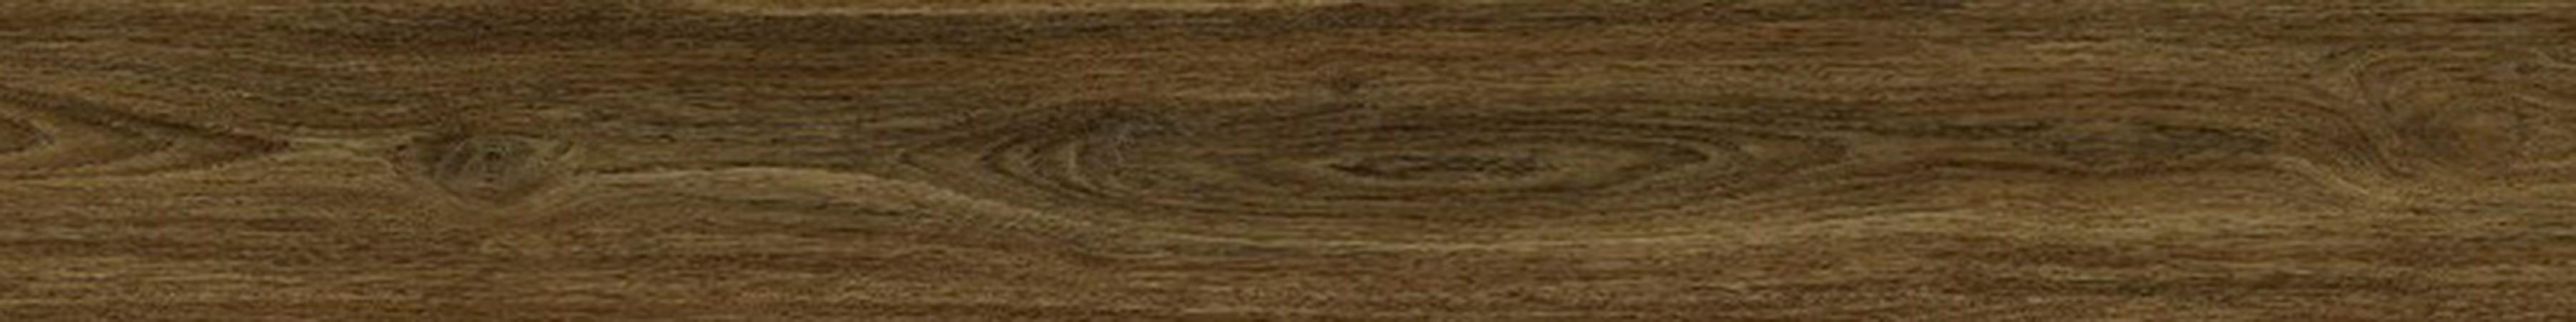 vinilicos-biancogres-monterosso